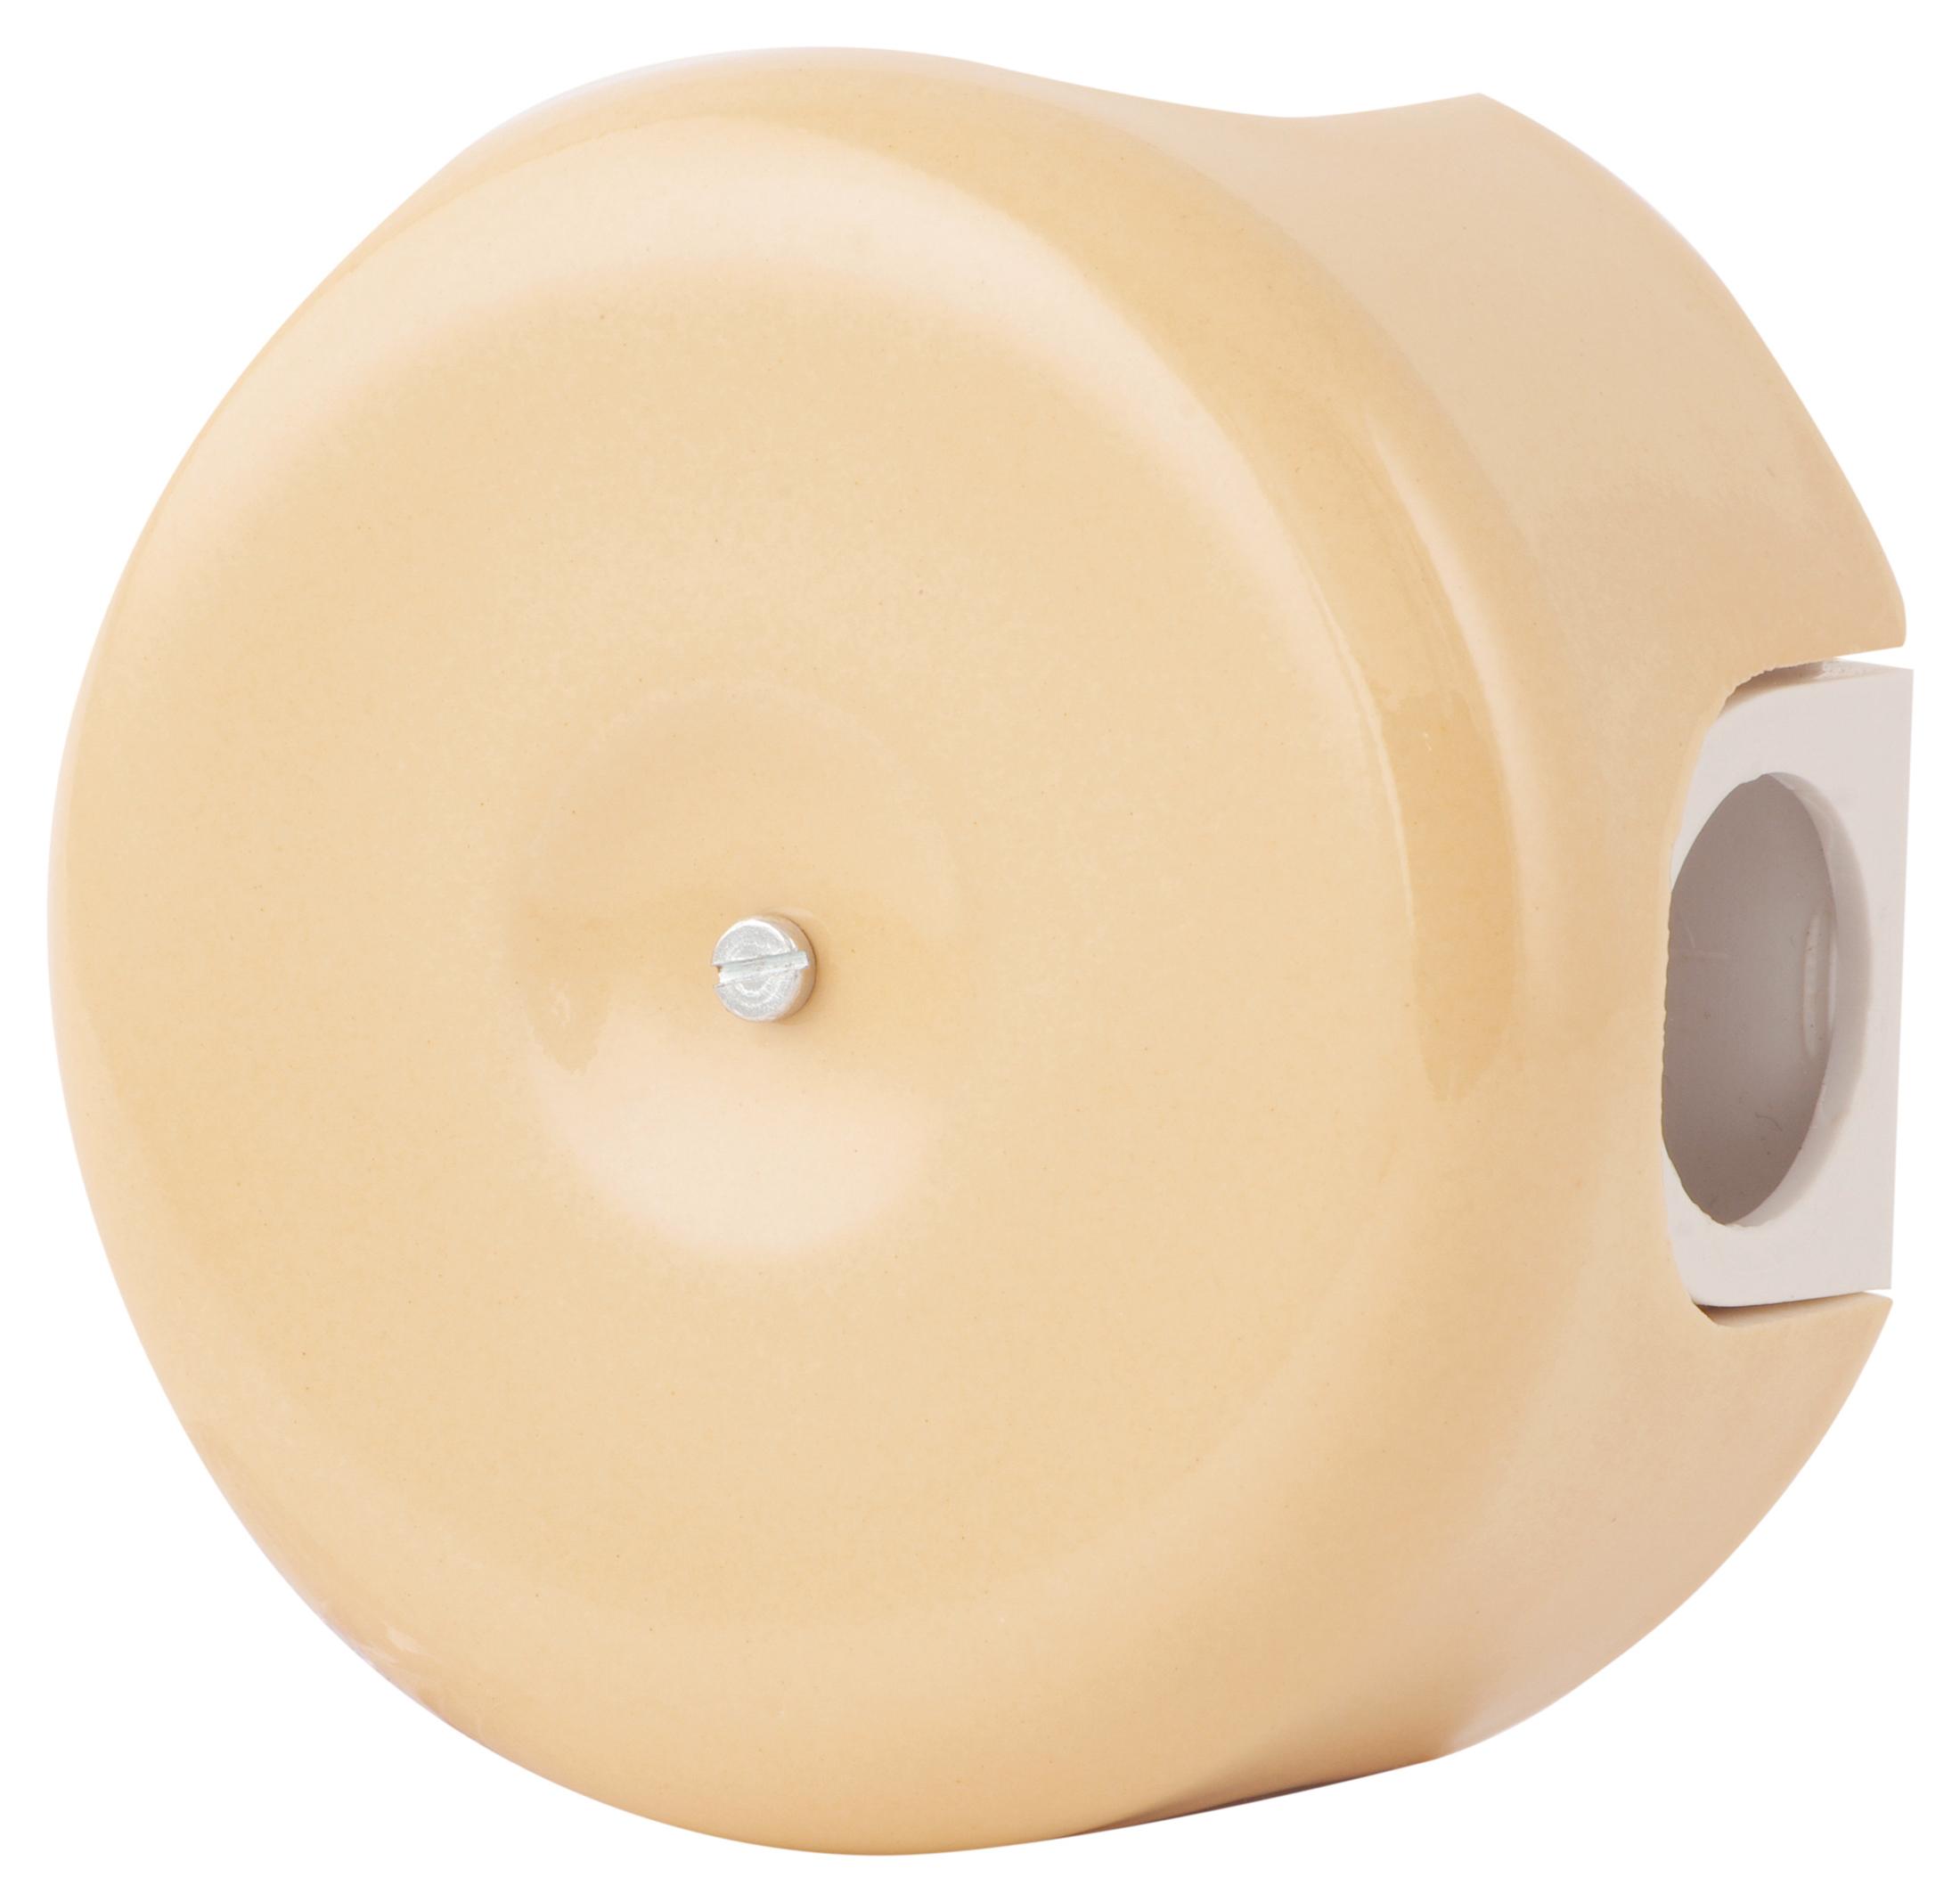 Коробка распаечная Ø78 мм Sun Lumen 080-293, цвет джиалло реале